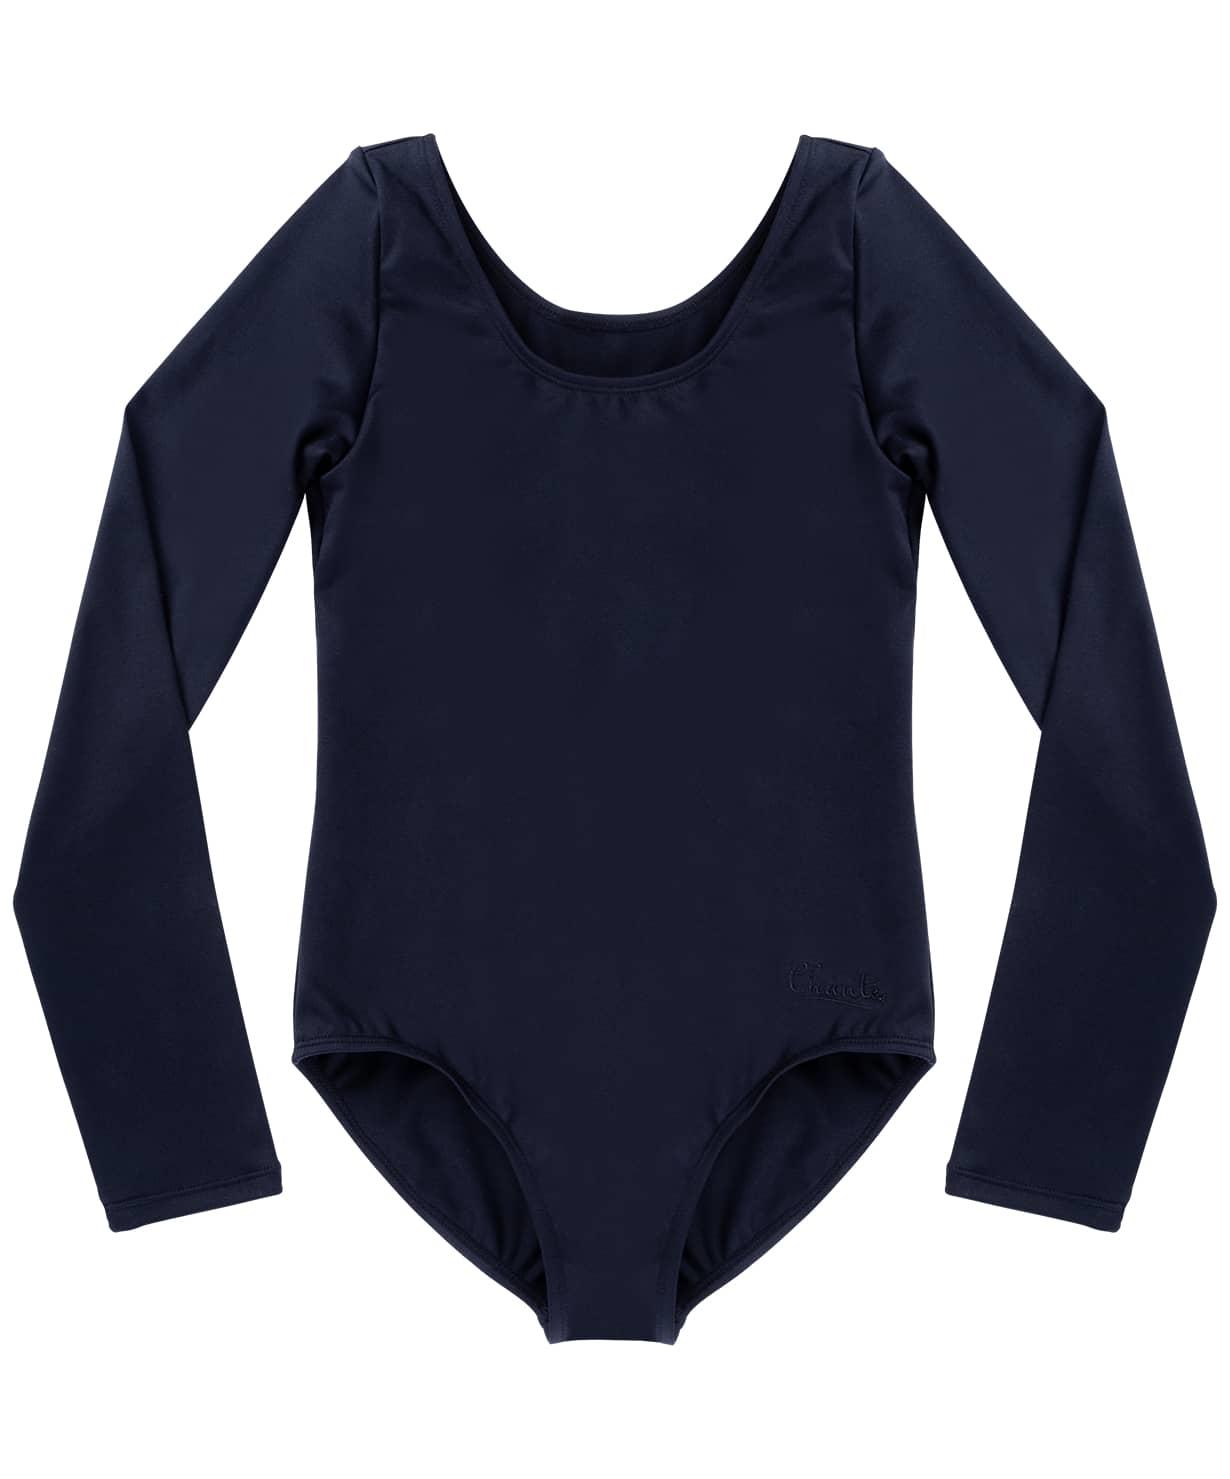 Купальник гимнастический Alica, длинный рукав, хлопок, черный, детский